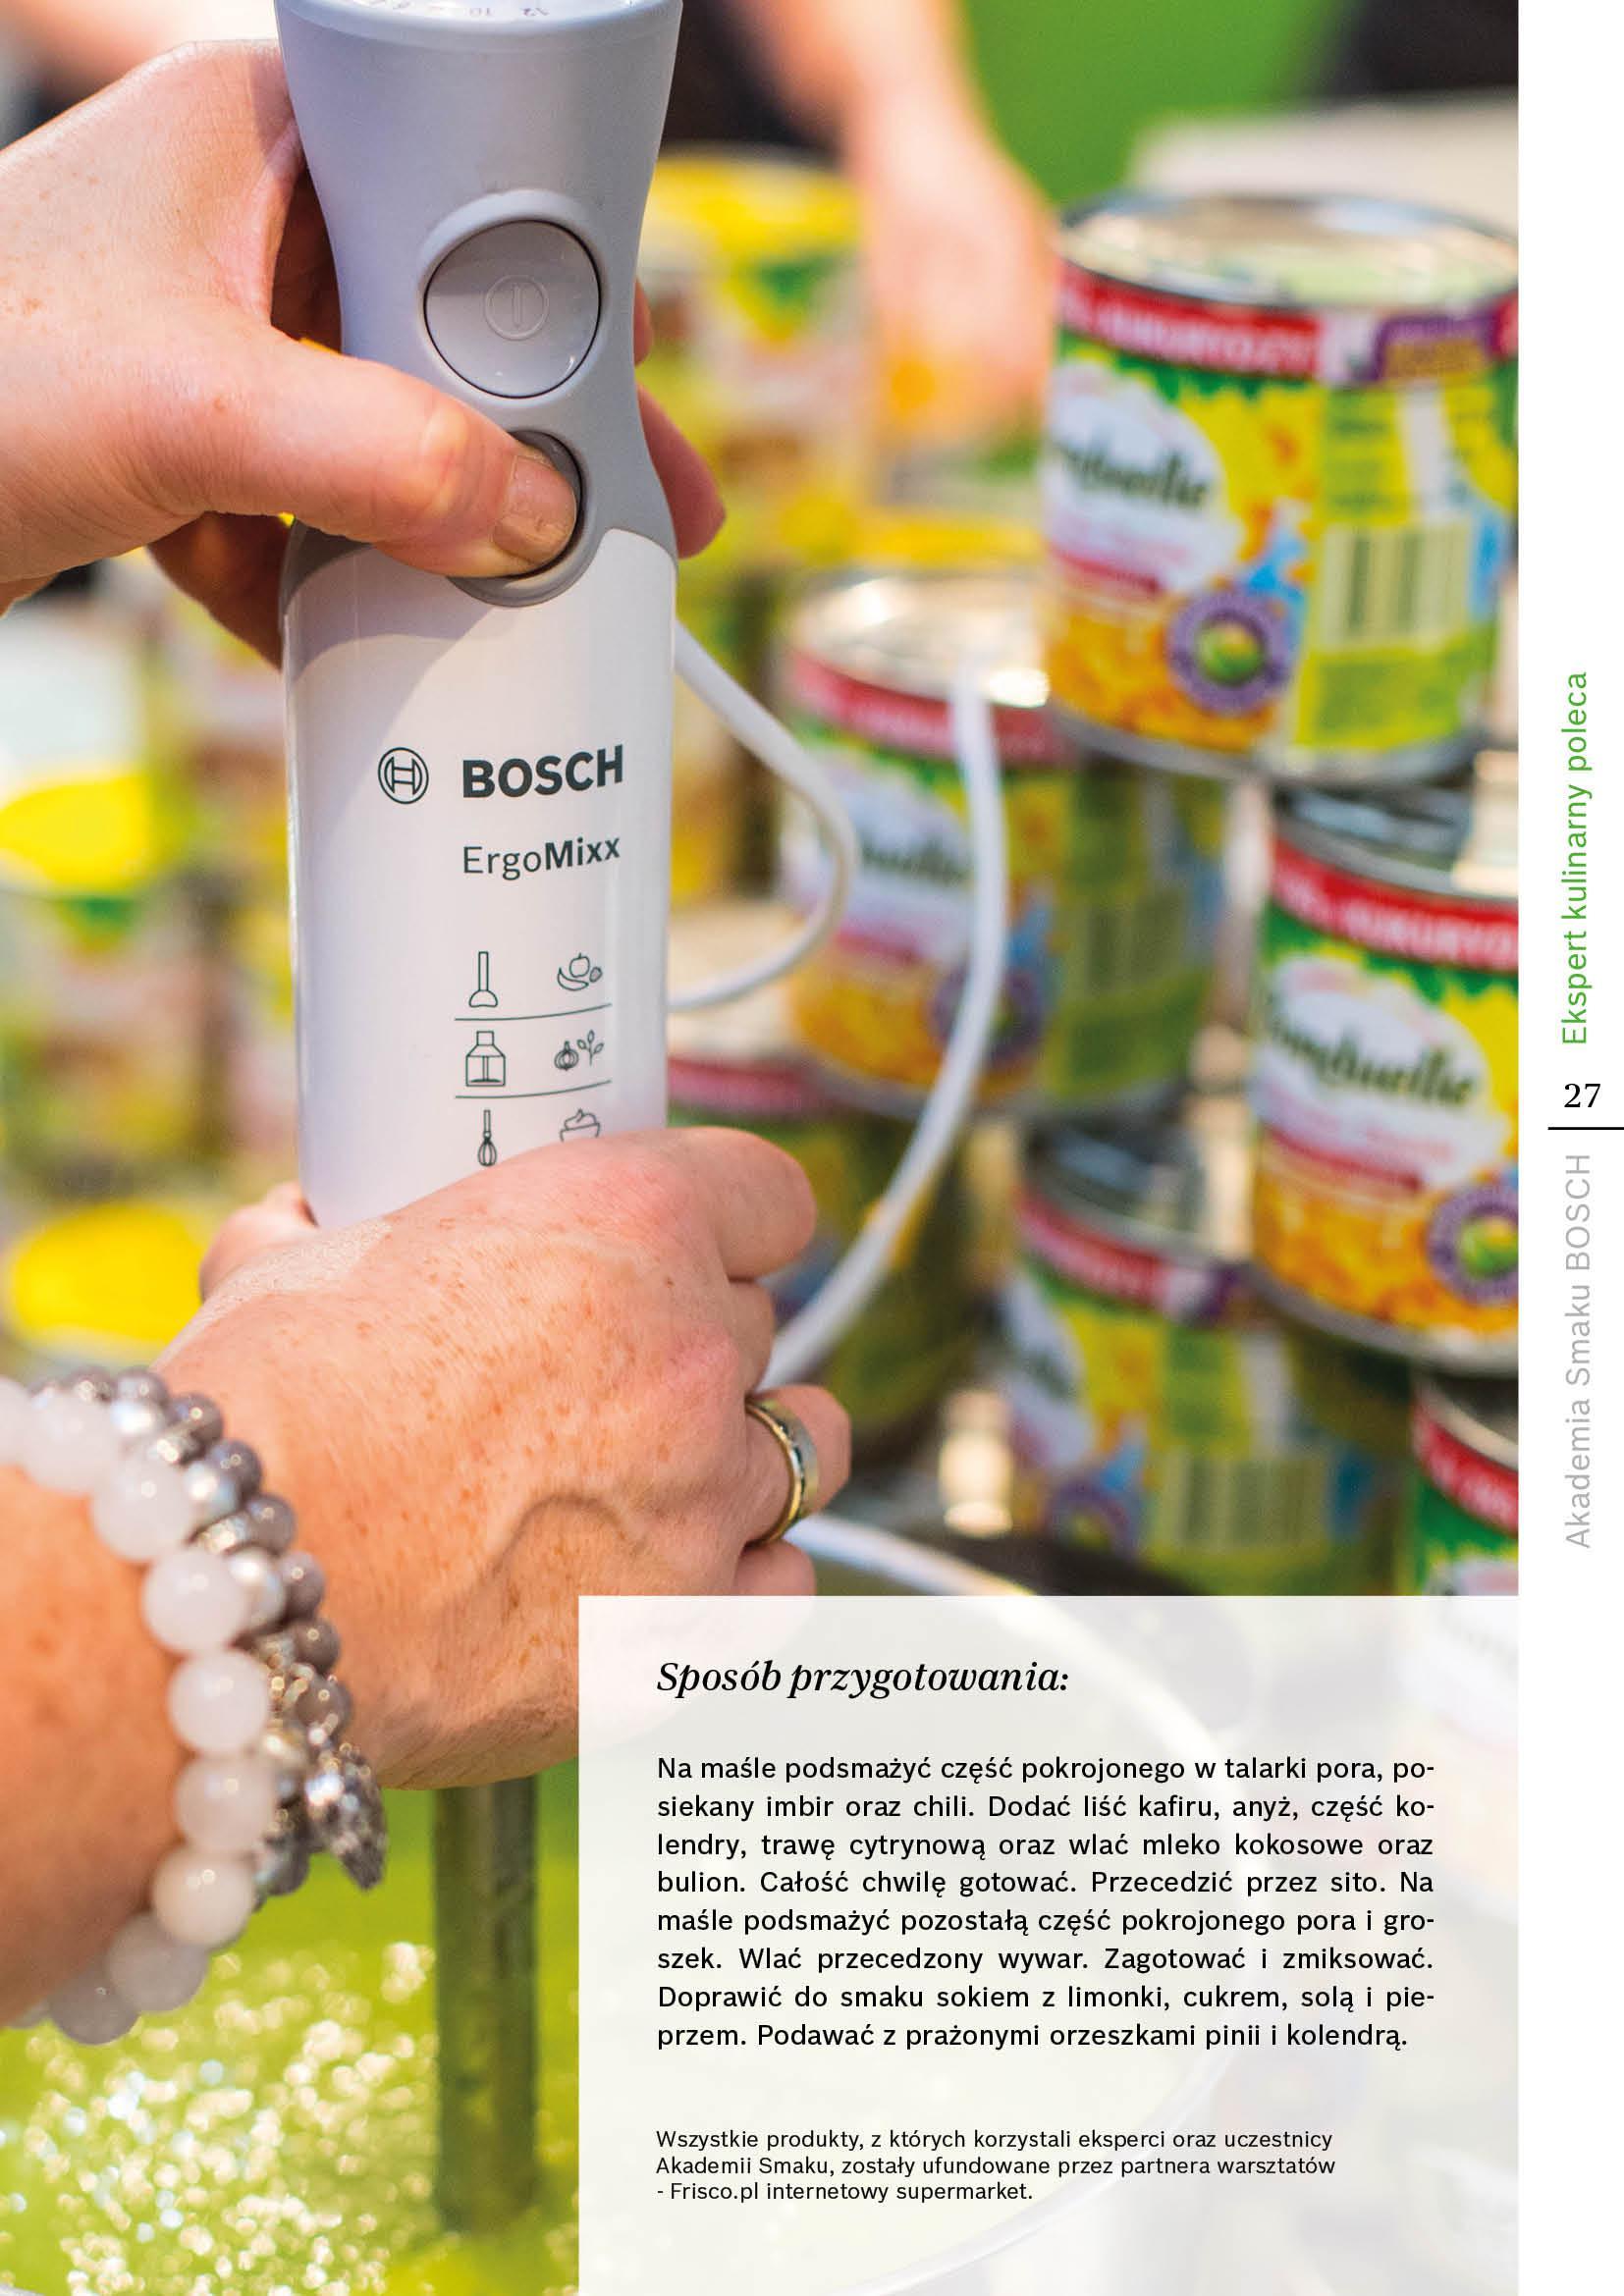 Kuchnia w parze ze zdrowiem - Strona 27